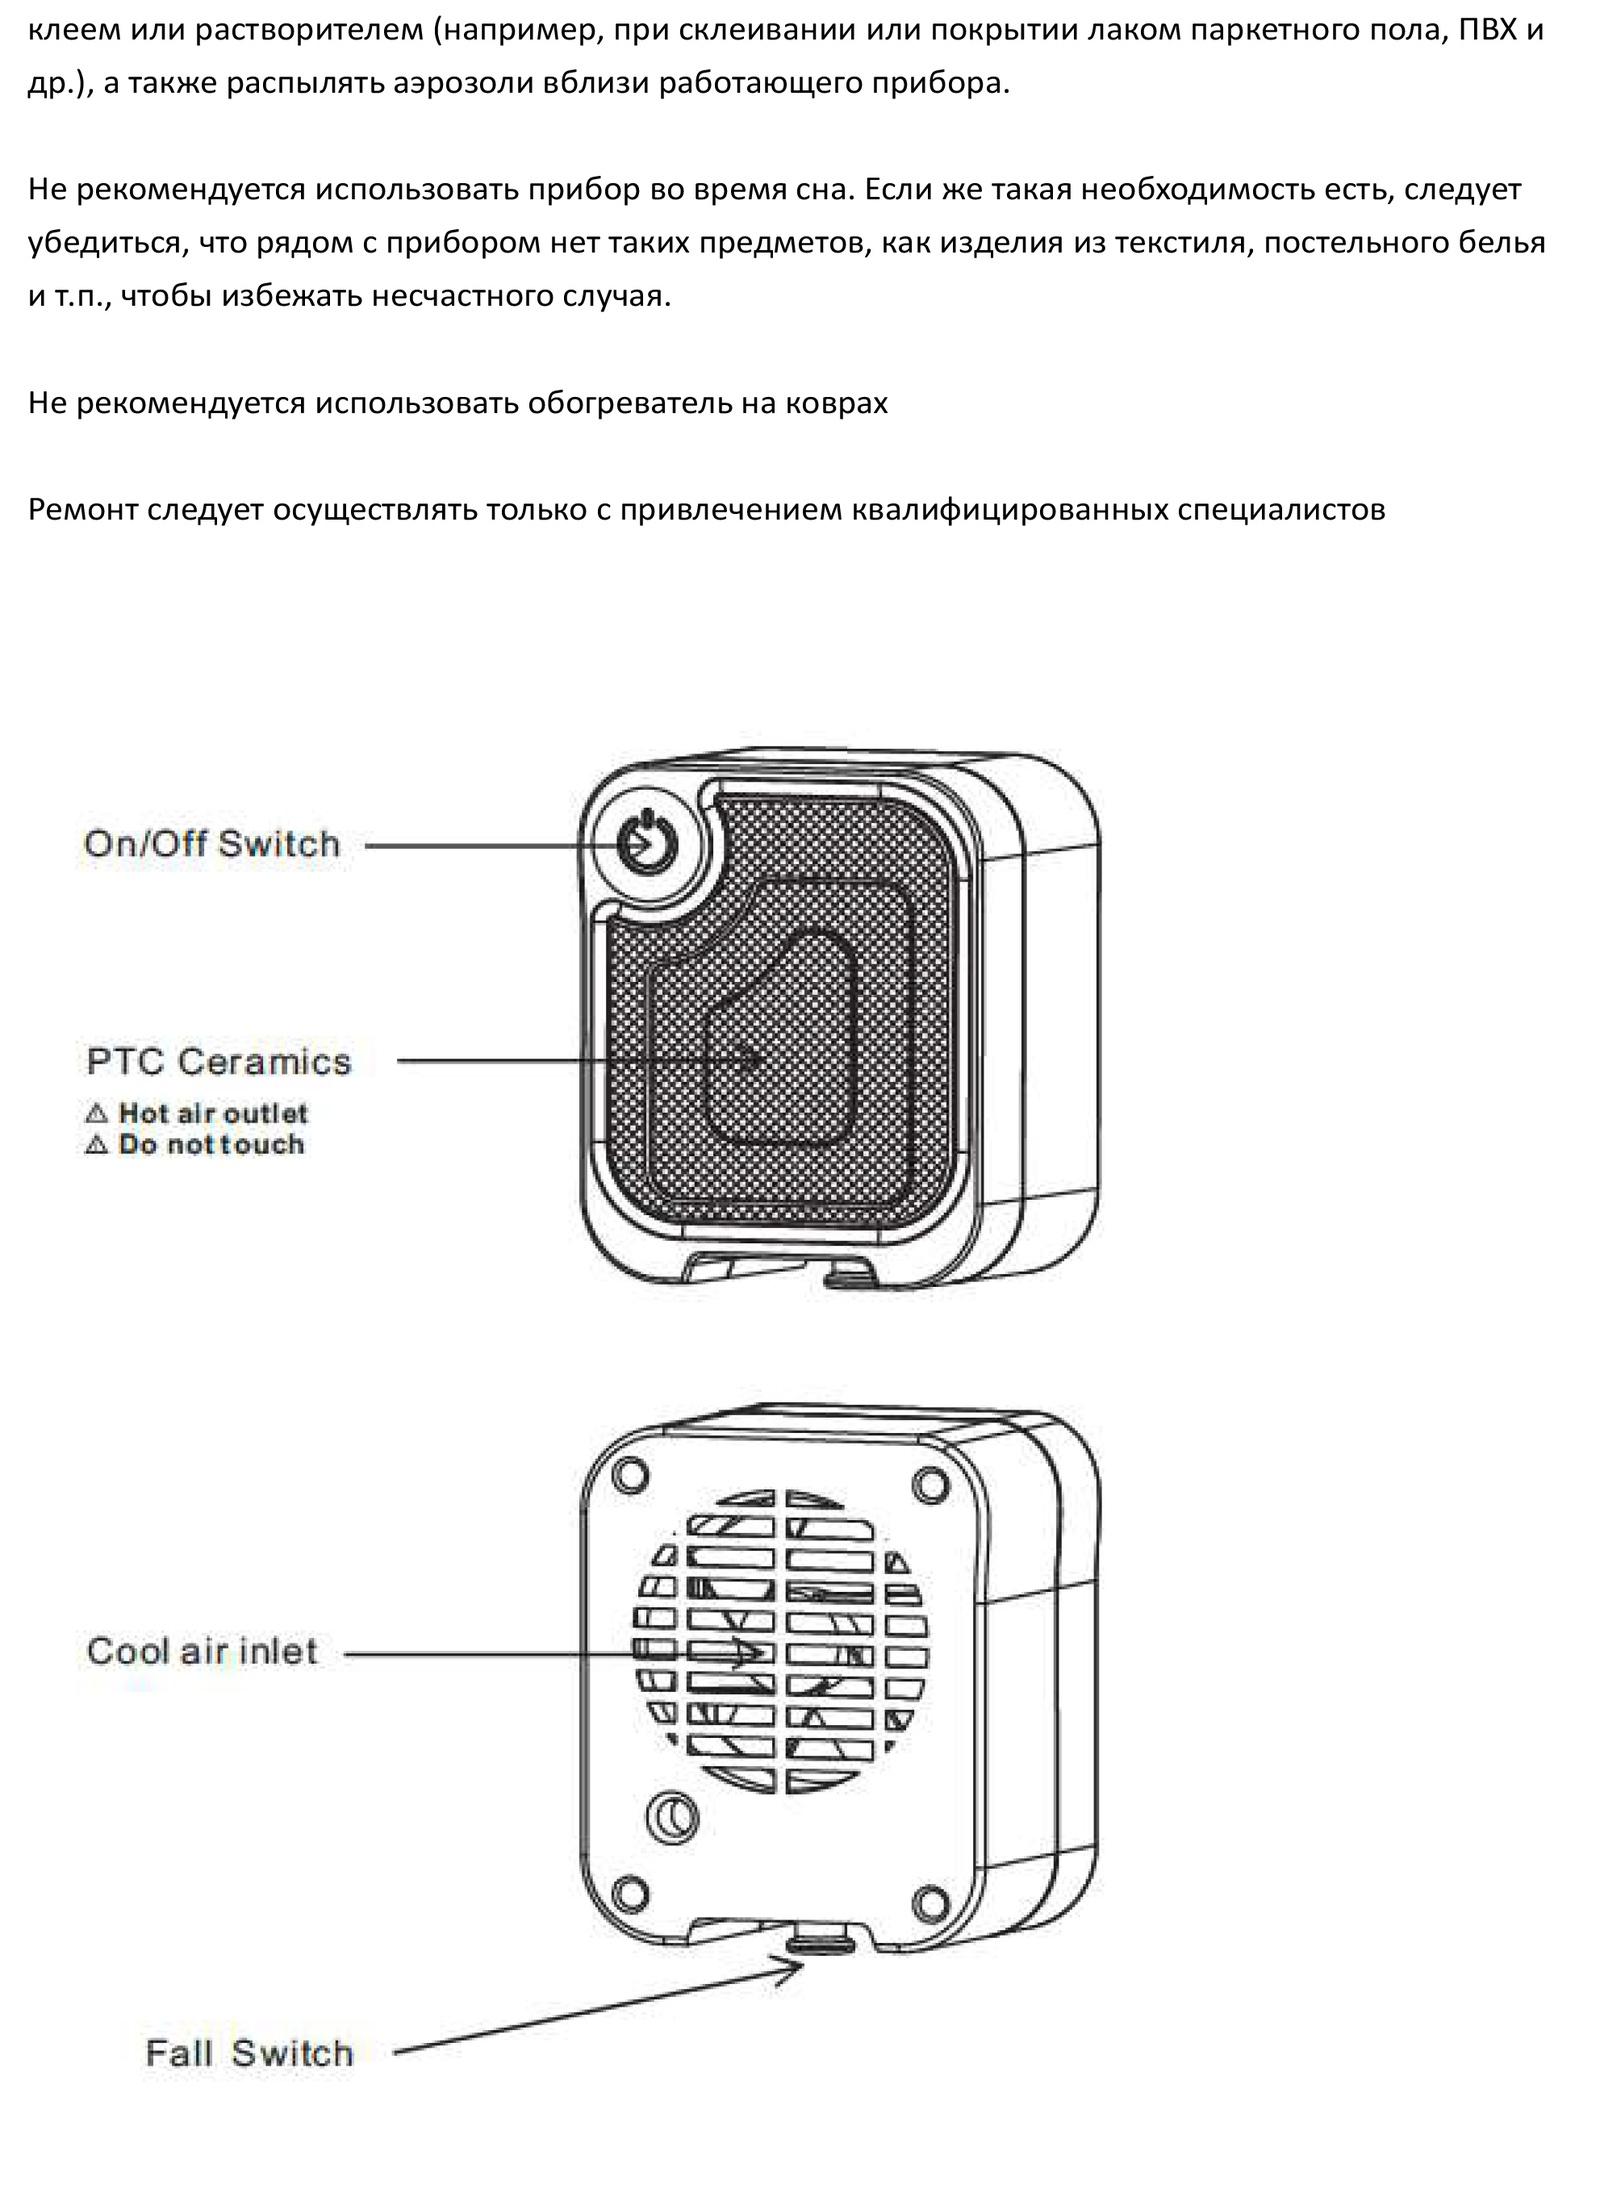 Тепловентилятор PROFFI керамический, с механическим управлением, 750 Вт, черный, белый, темно-серый, черно-серый, серый металлик Proffi